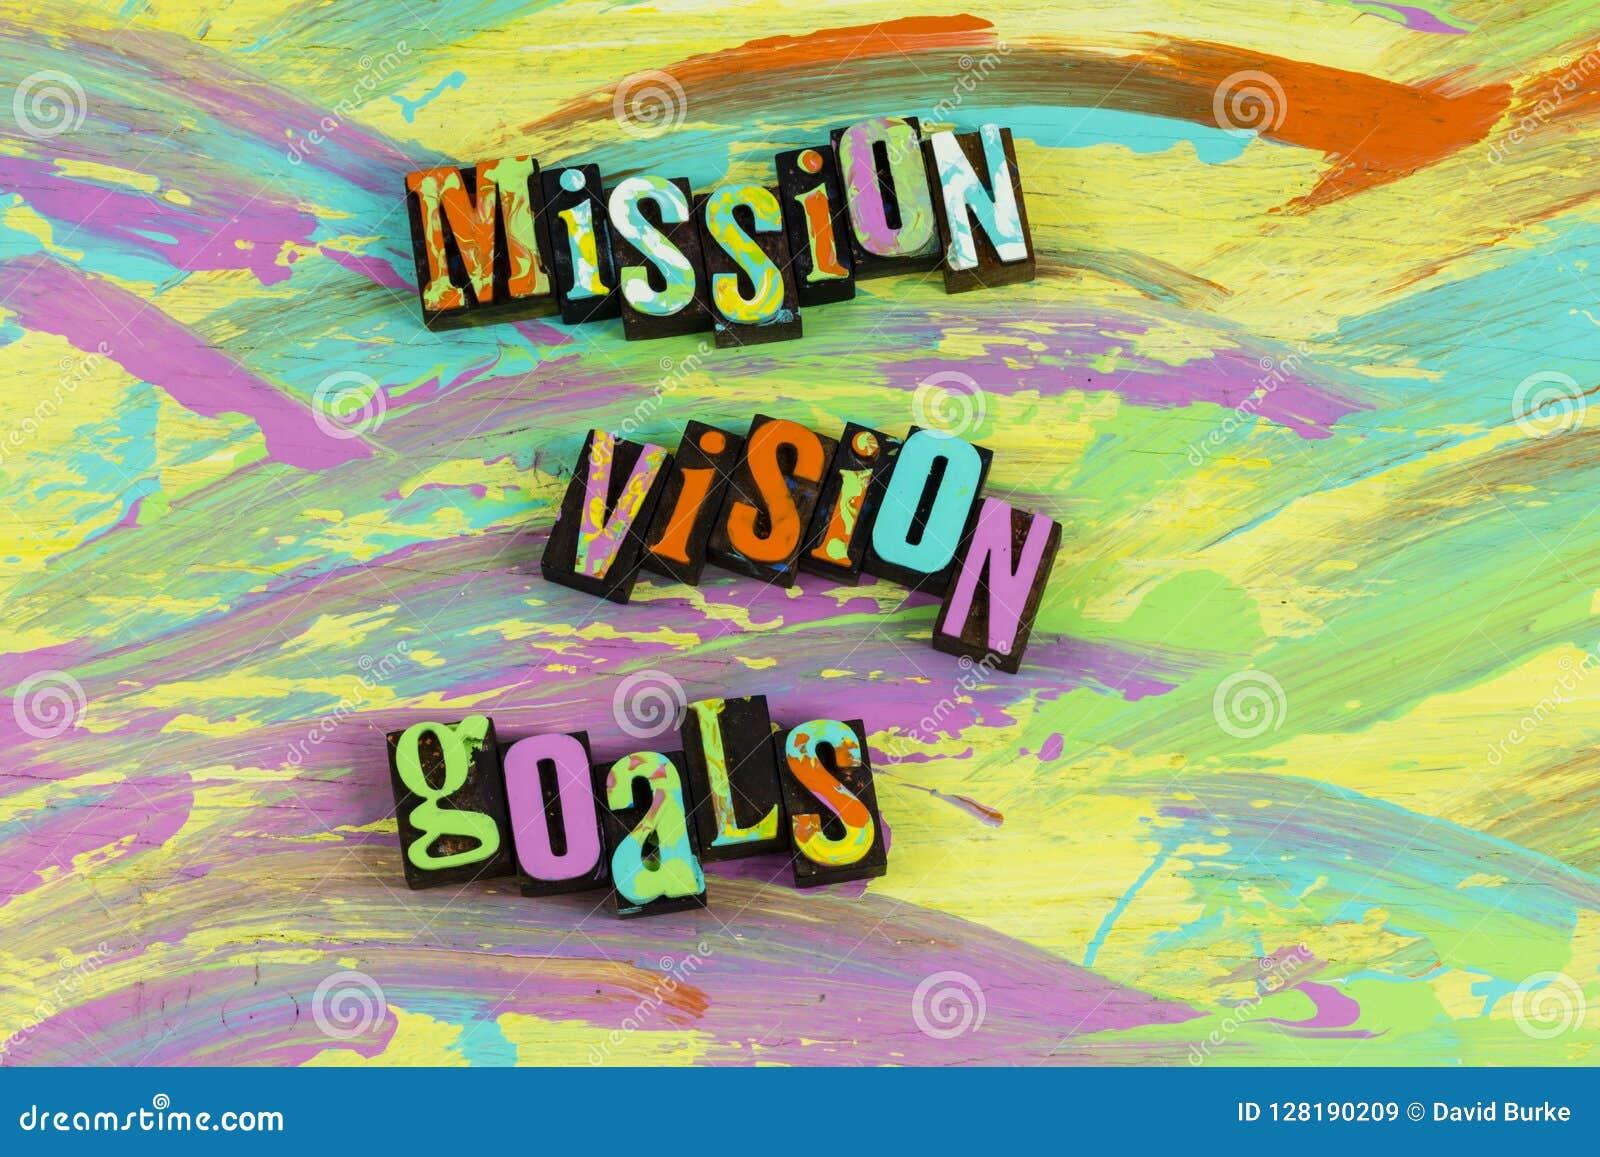 Conclusão dos objetivos da visão da missão bem sucedida